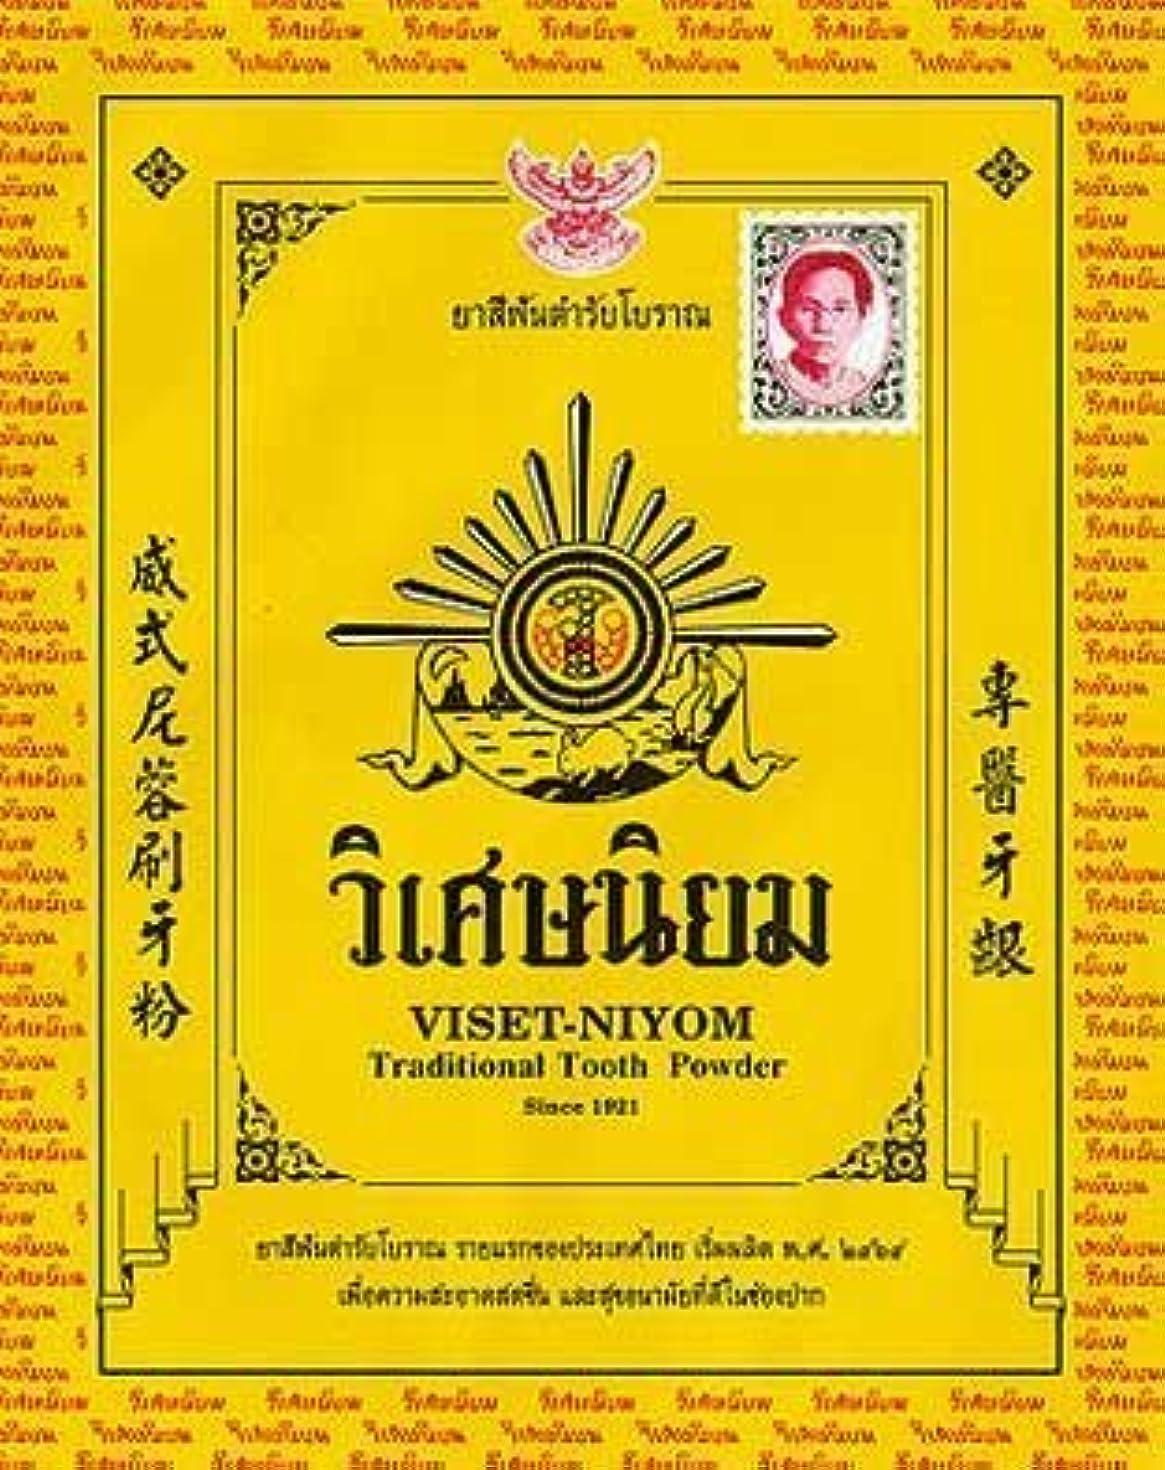 剣ショップ玉ねぎ3 Sachets X 40g. of Viset Niyom Herbal whitening Toothpaste Powder Thai Original Traditional Toothpaste 120 g....